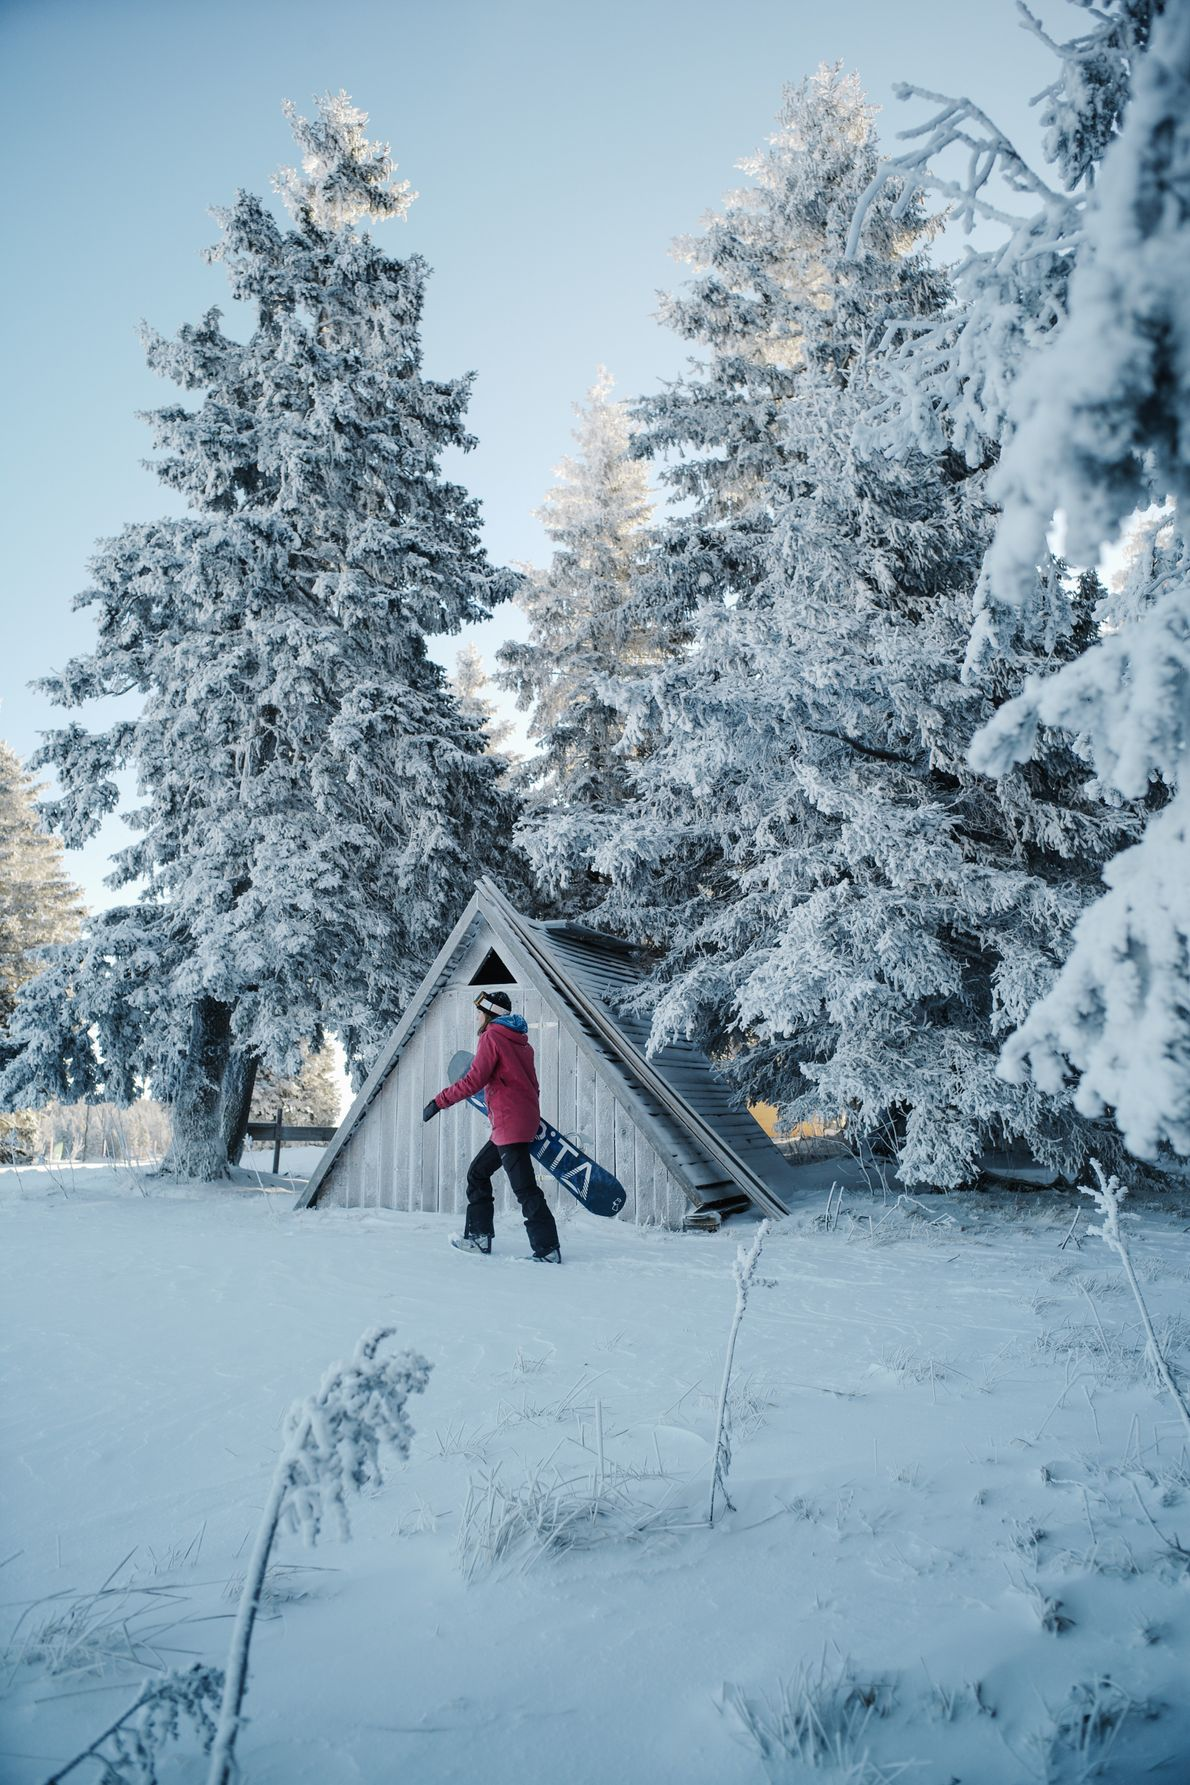 Auf der Suche nach neuen Pisten stapft die professionelle Snowboarderin Vesna Kajzer durch die schneebedeckte Wildnis ...